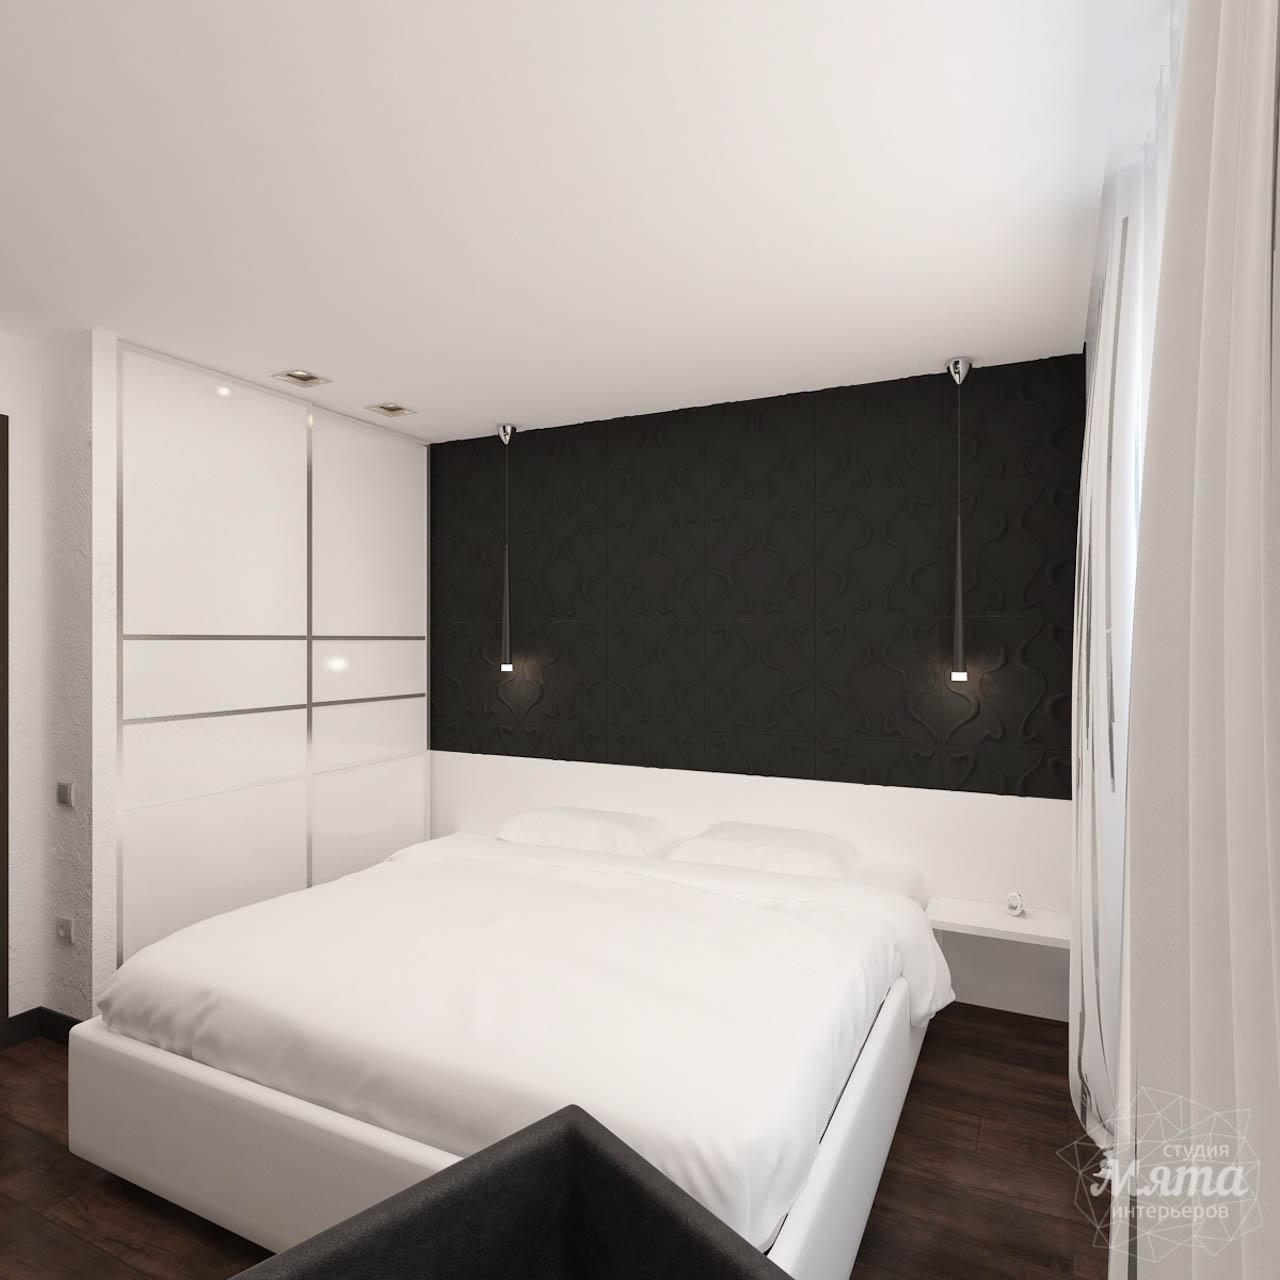 Дизайн интерьера однокомнатной квартиры по ул. Гагарина 27 img1333927128